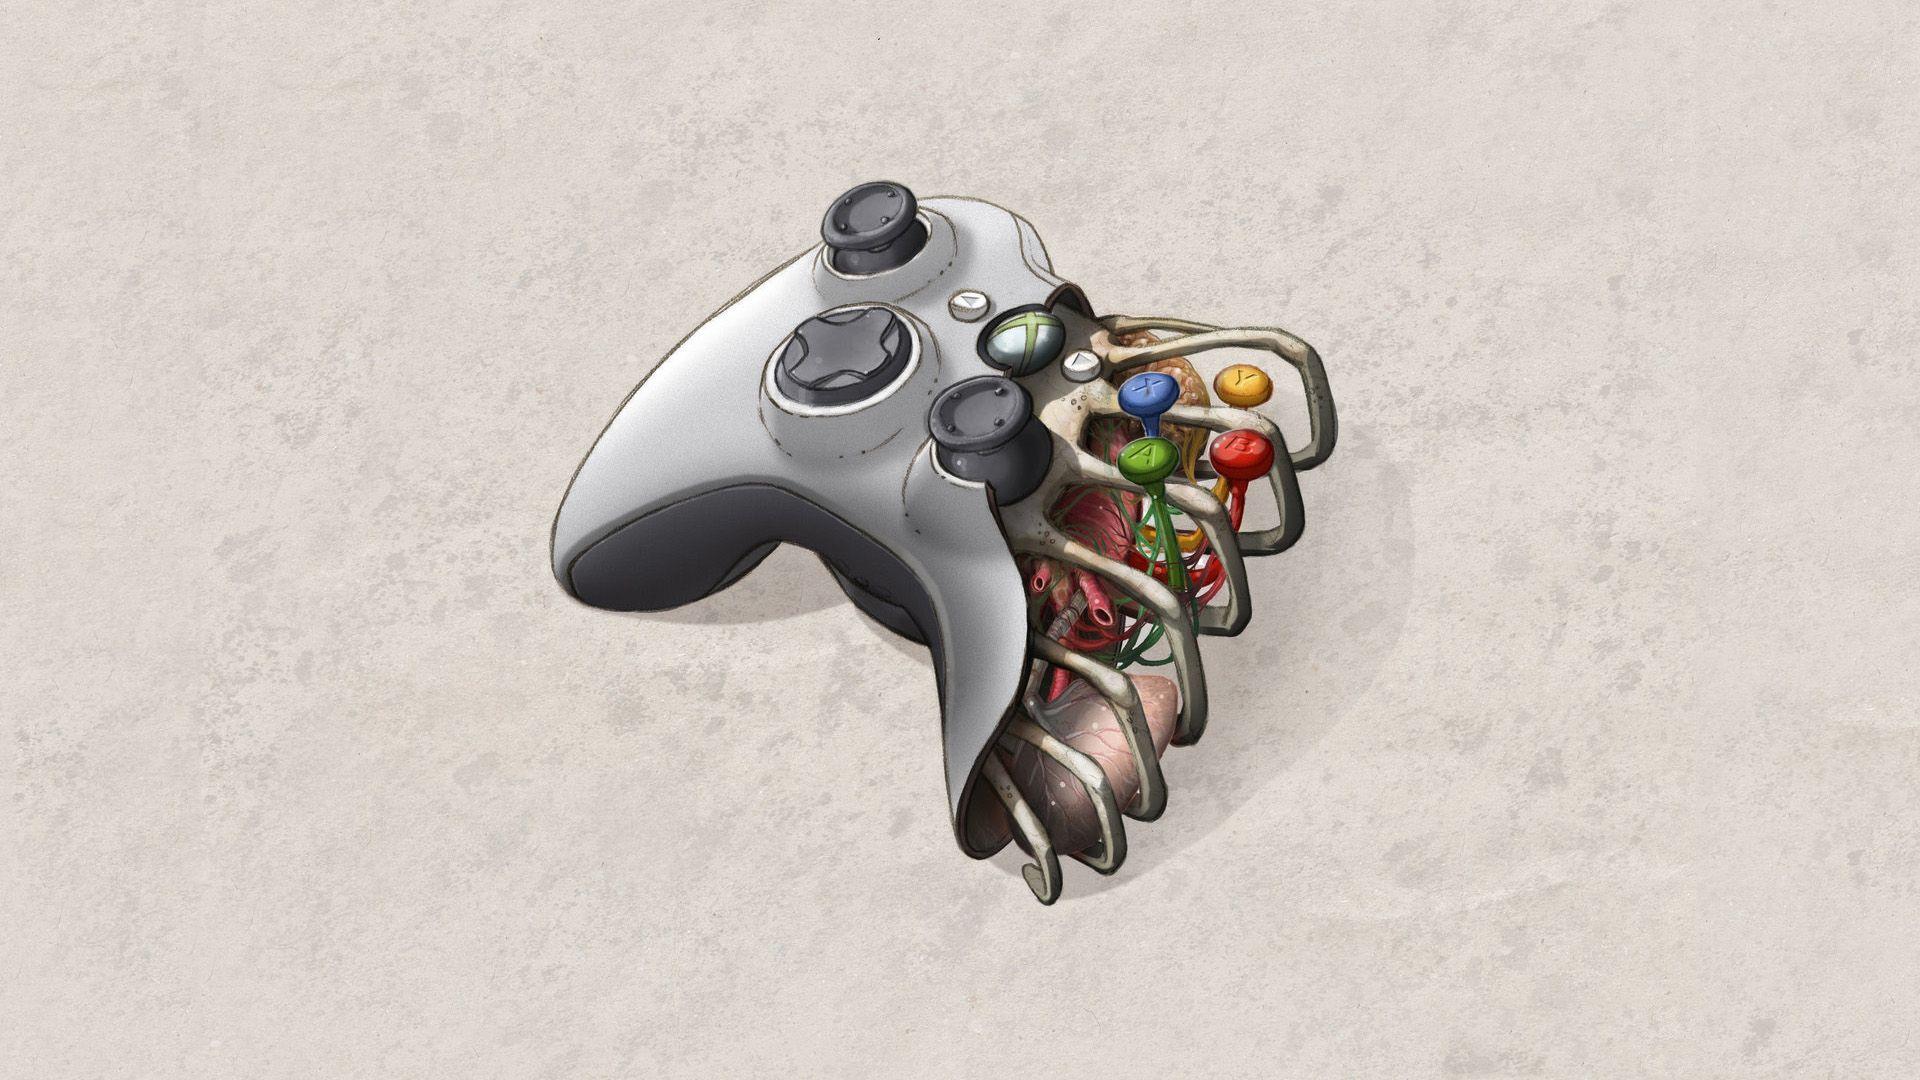 2017 год будет «золотым» для собственников консолей Xbox